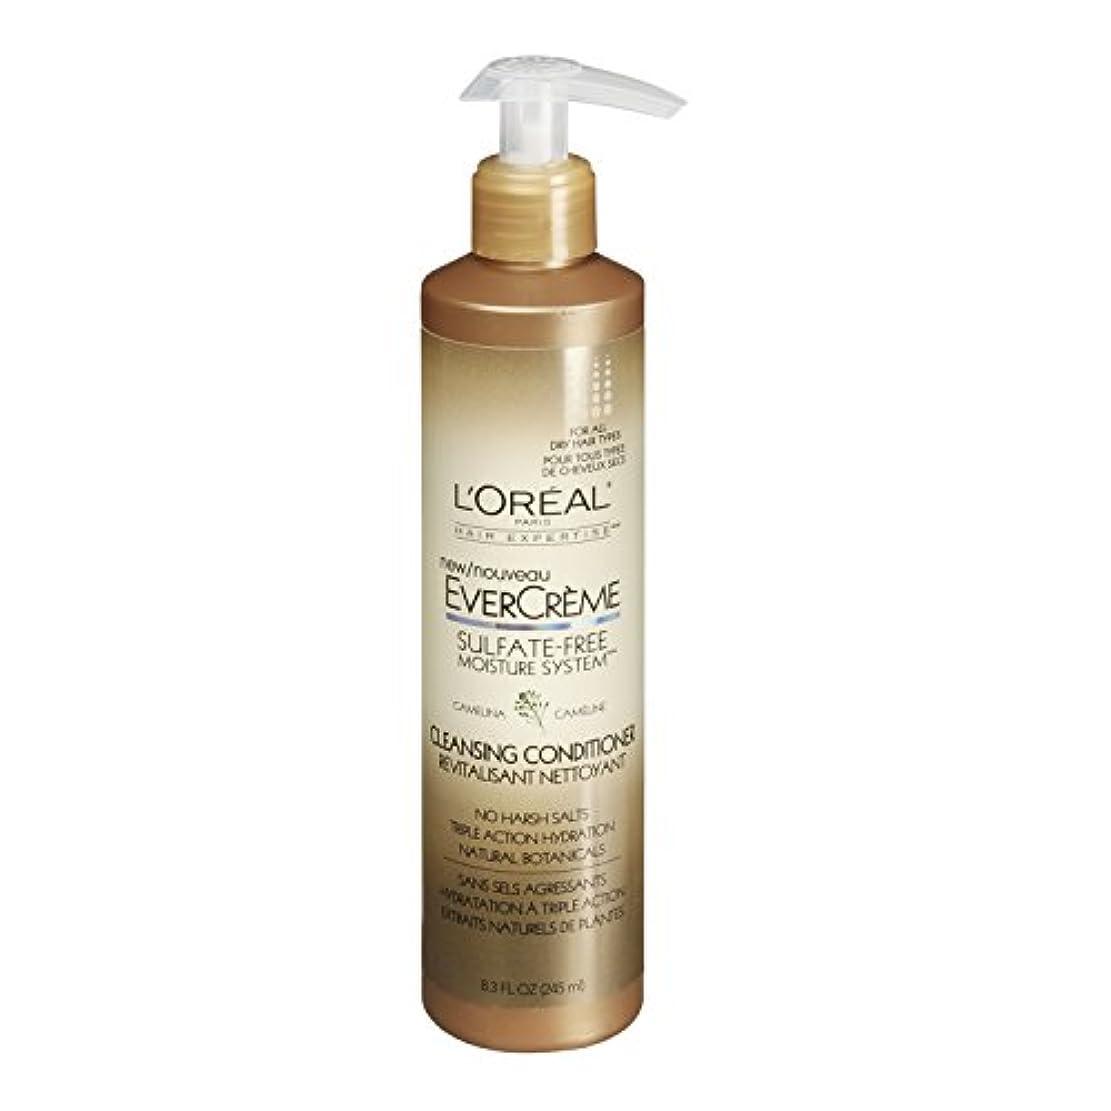 ディレクター最初はしおれたL'Oreal Paris EverCreme Sulfate-Free Moisture System Cleansing Conditioner, 8.3 fl. Oz. by L'Oreal Paris Hair...